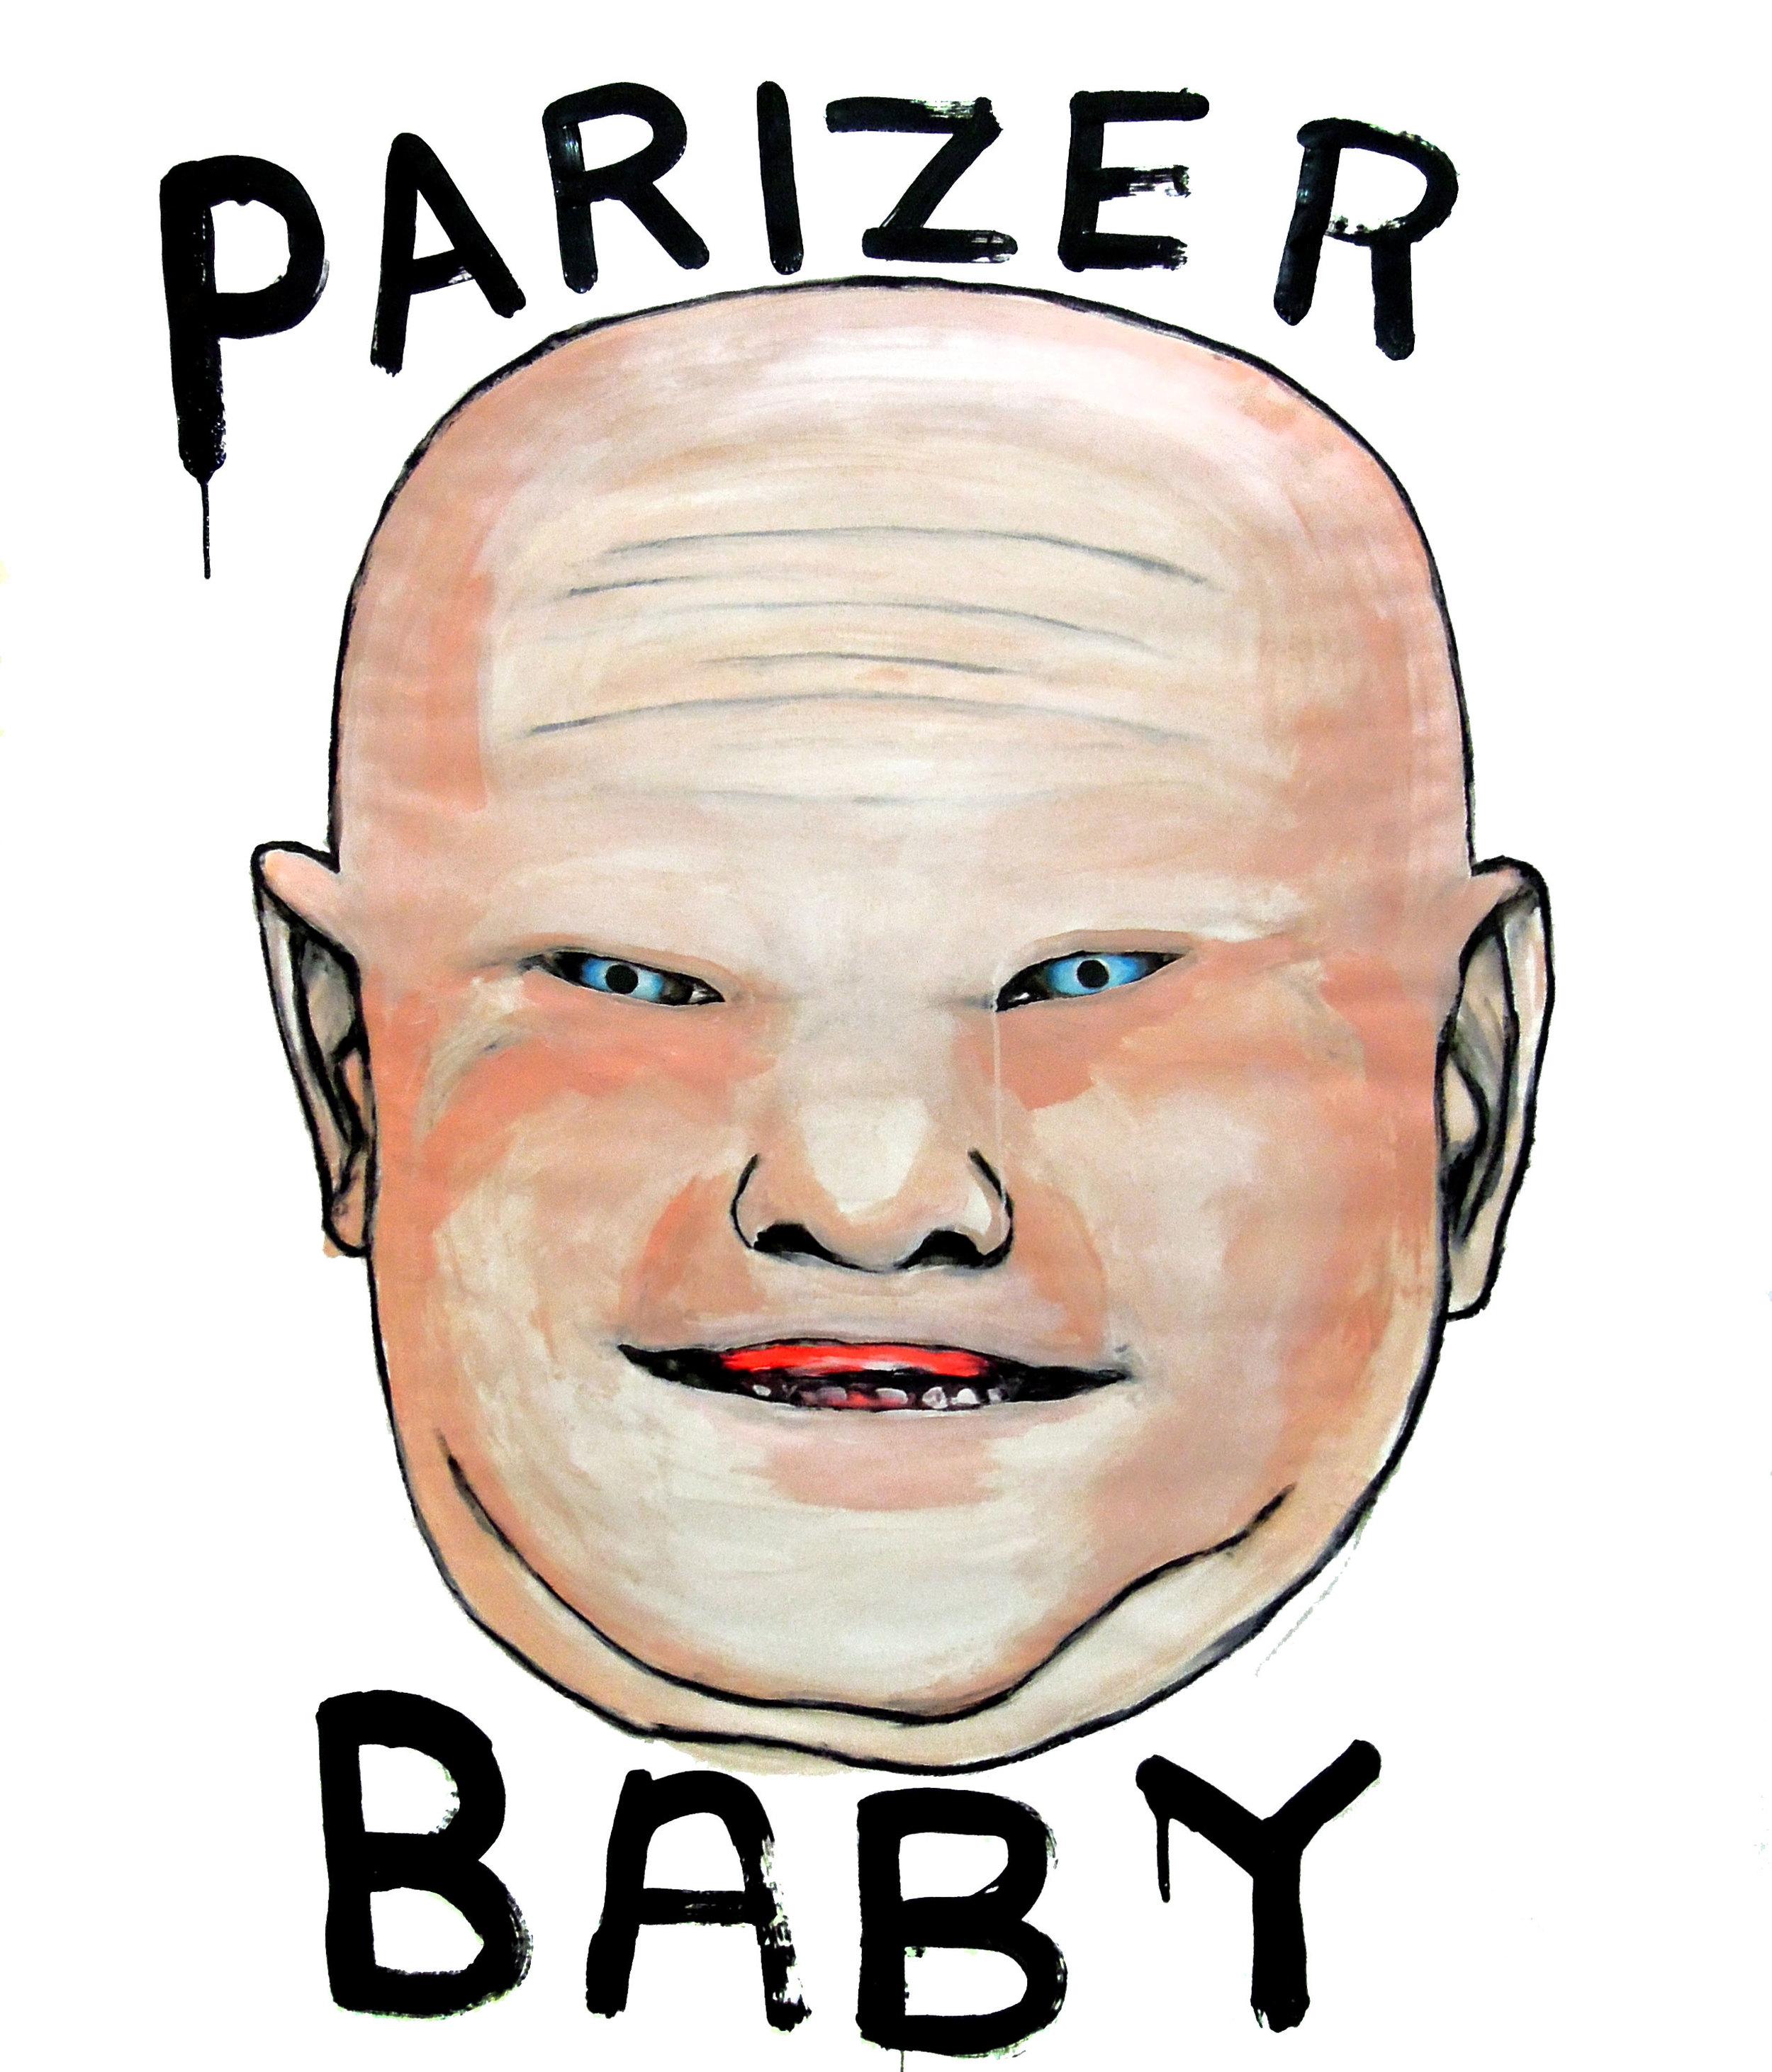 """""""PARIZER BABY, 1,5 x 1,2 m, acrilic și pastel pe hârtie, 2015"""